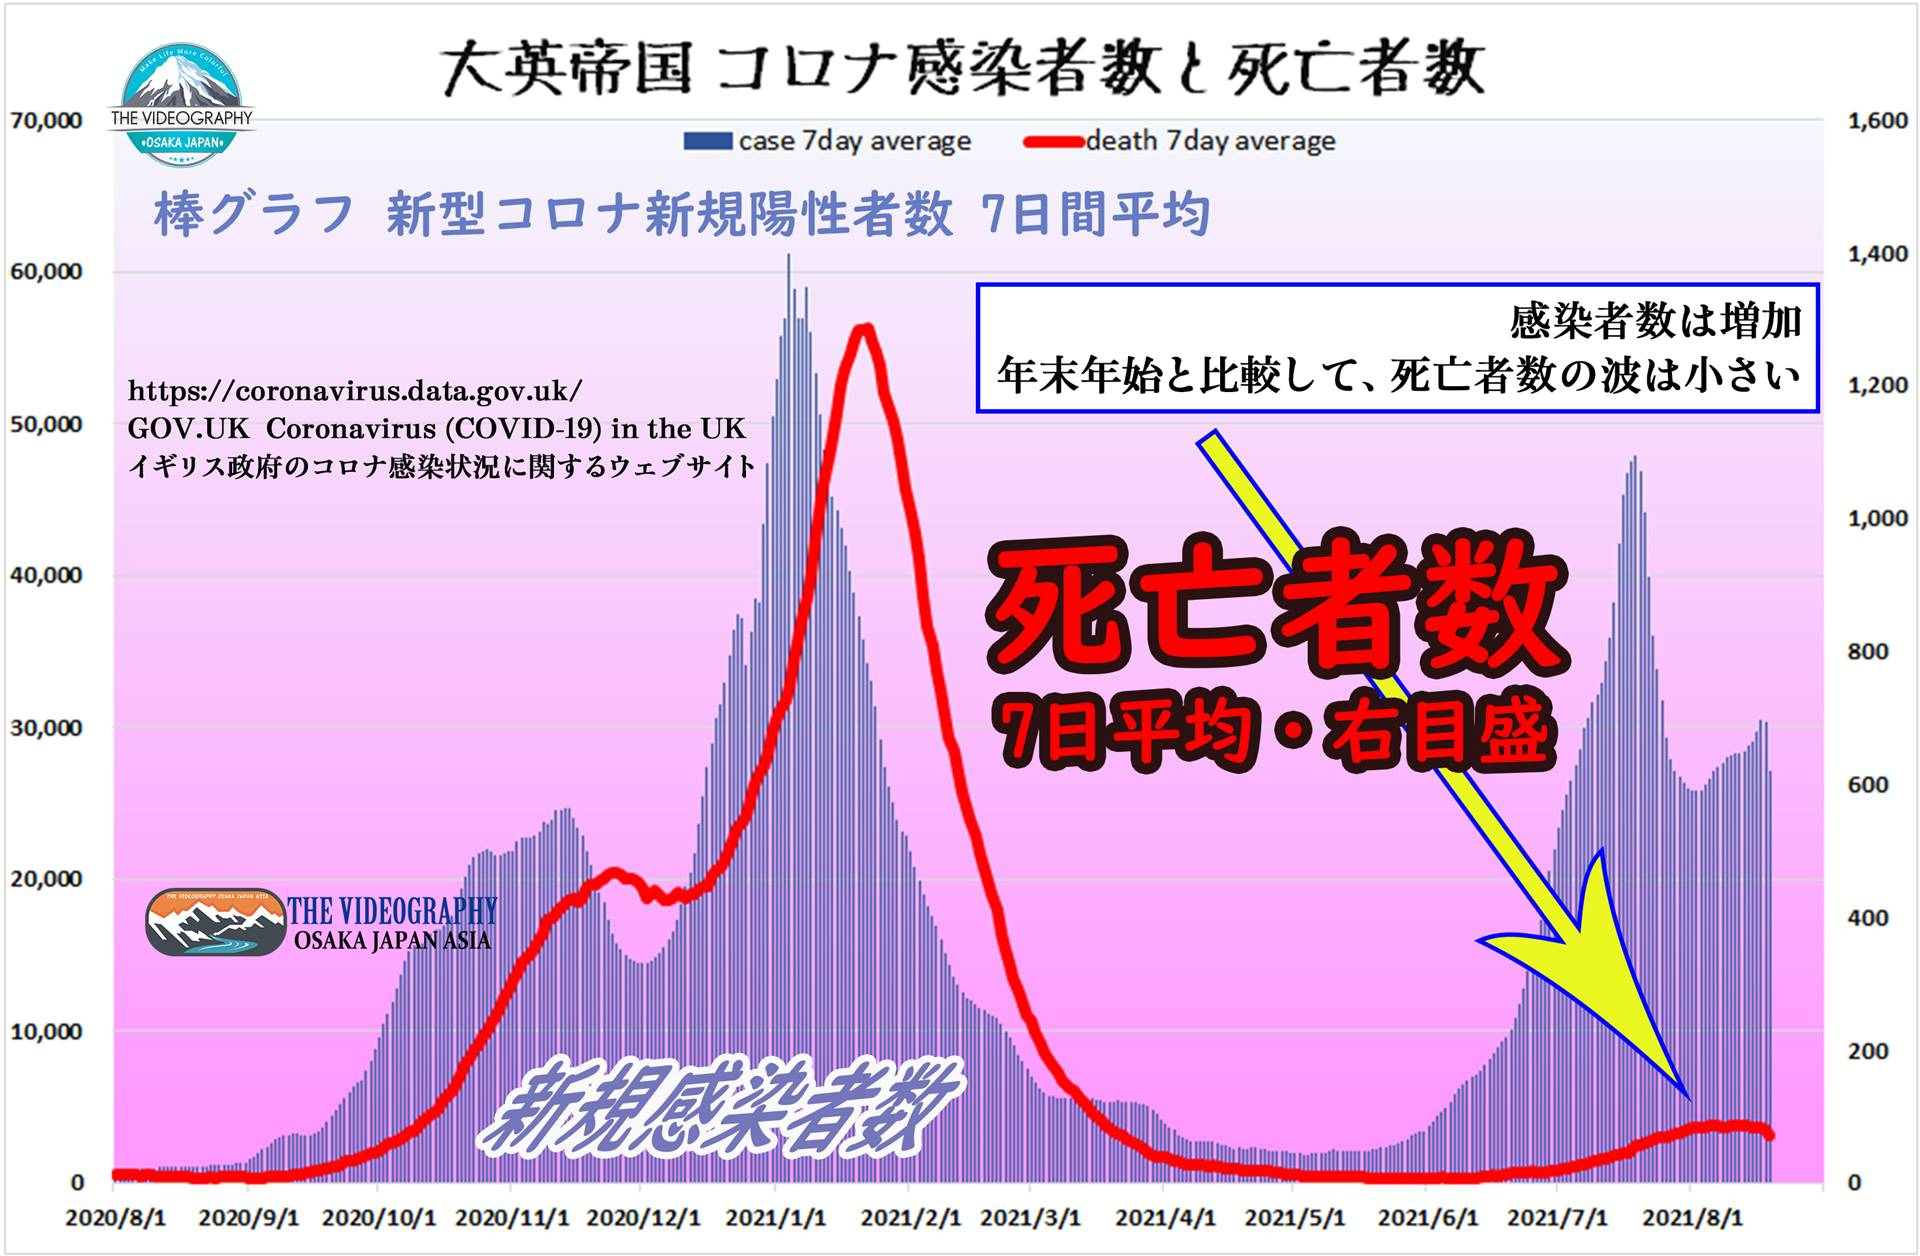 ワクチン接種により死亡者数が減少